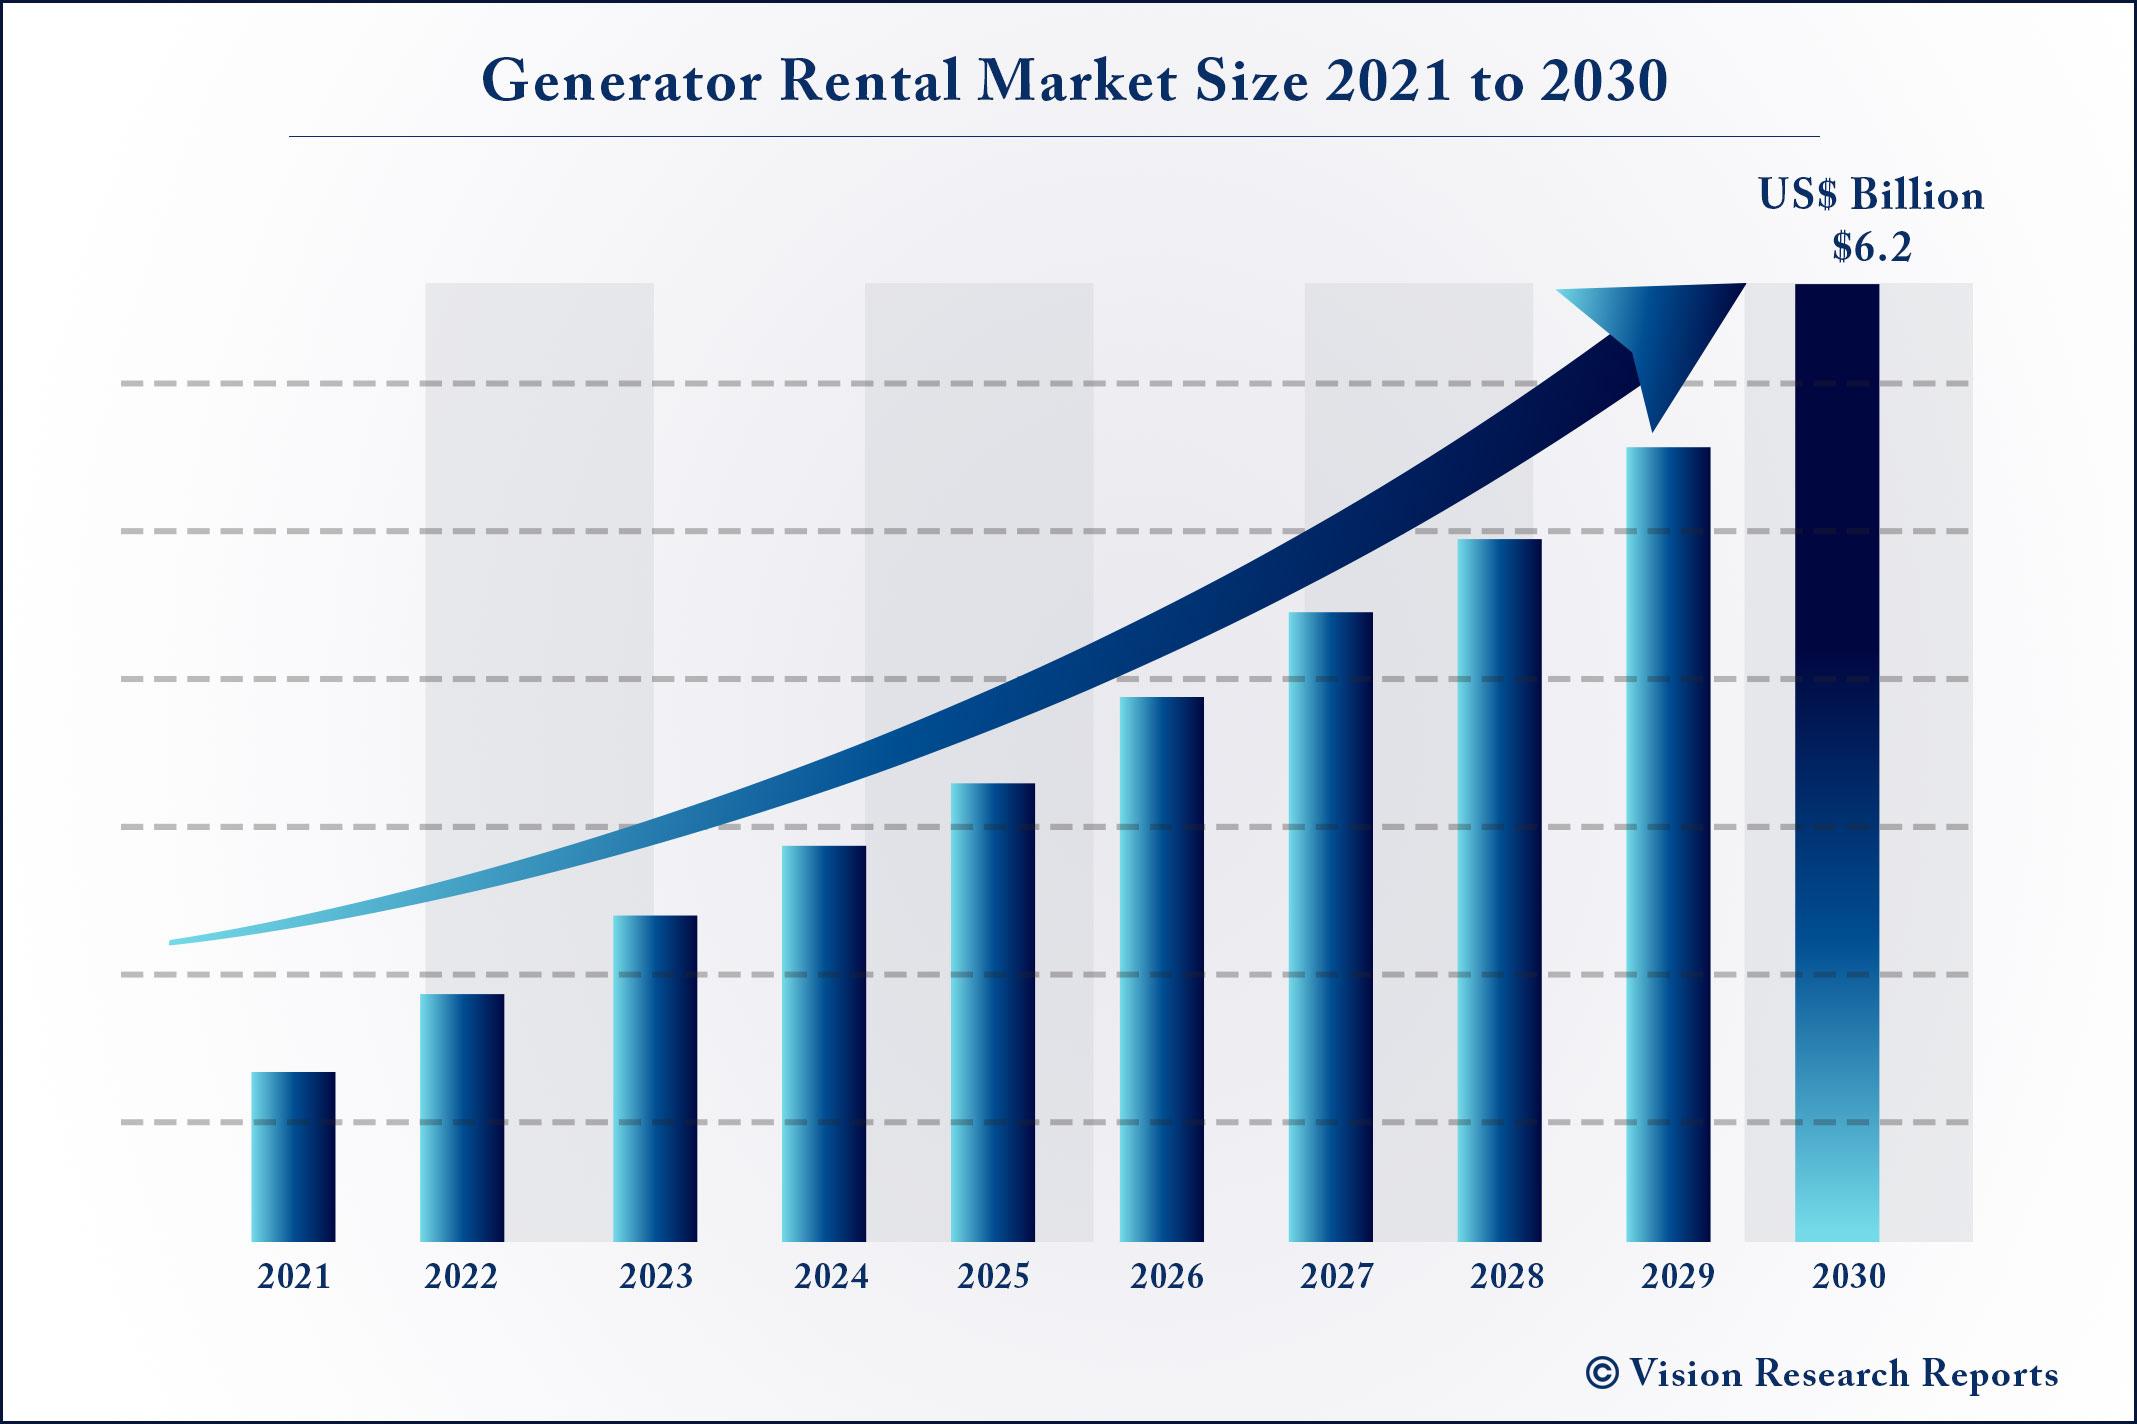 Generator Rental Market Size 2021 to 2030